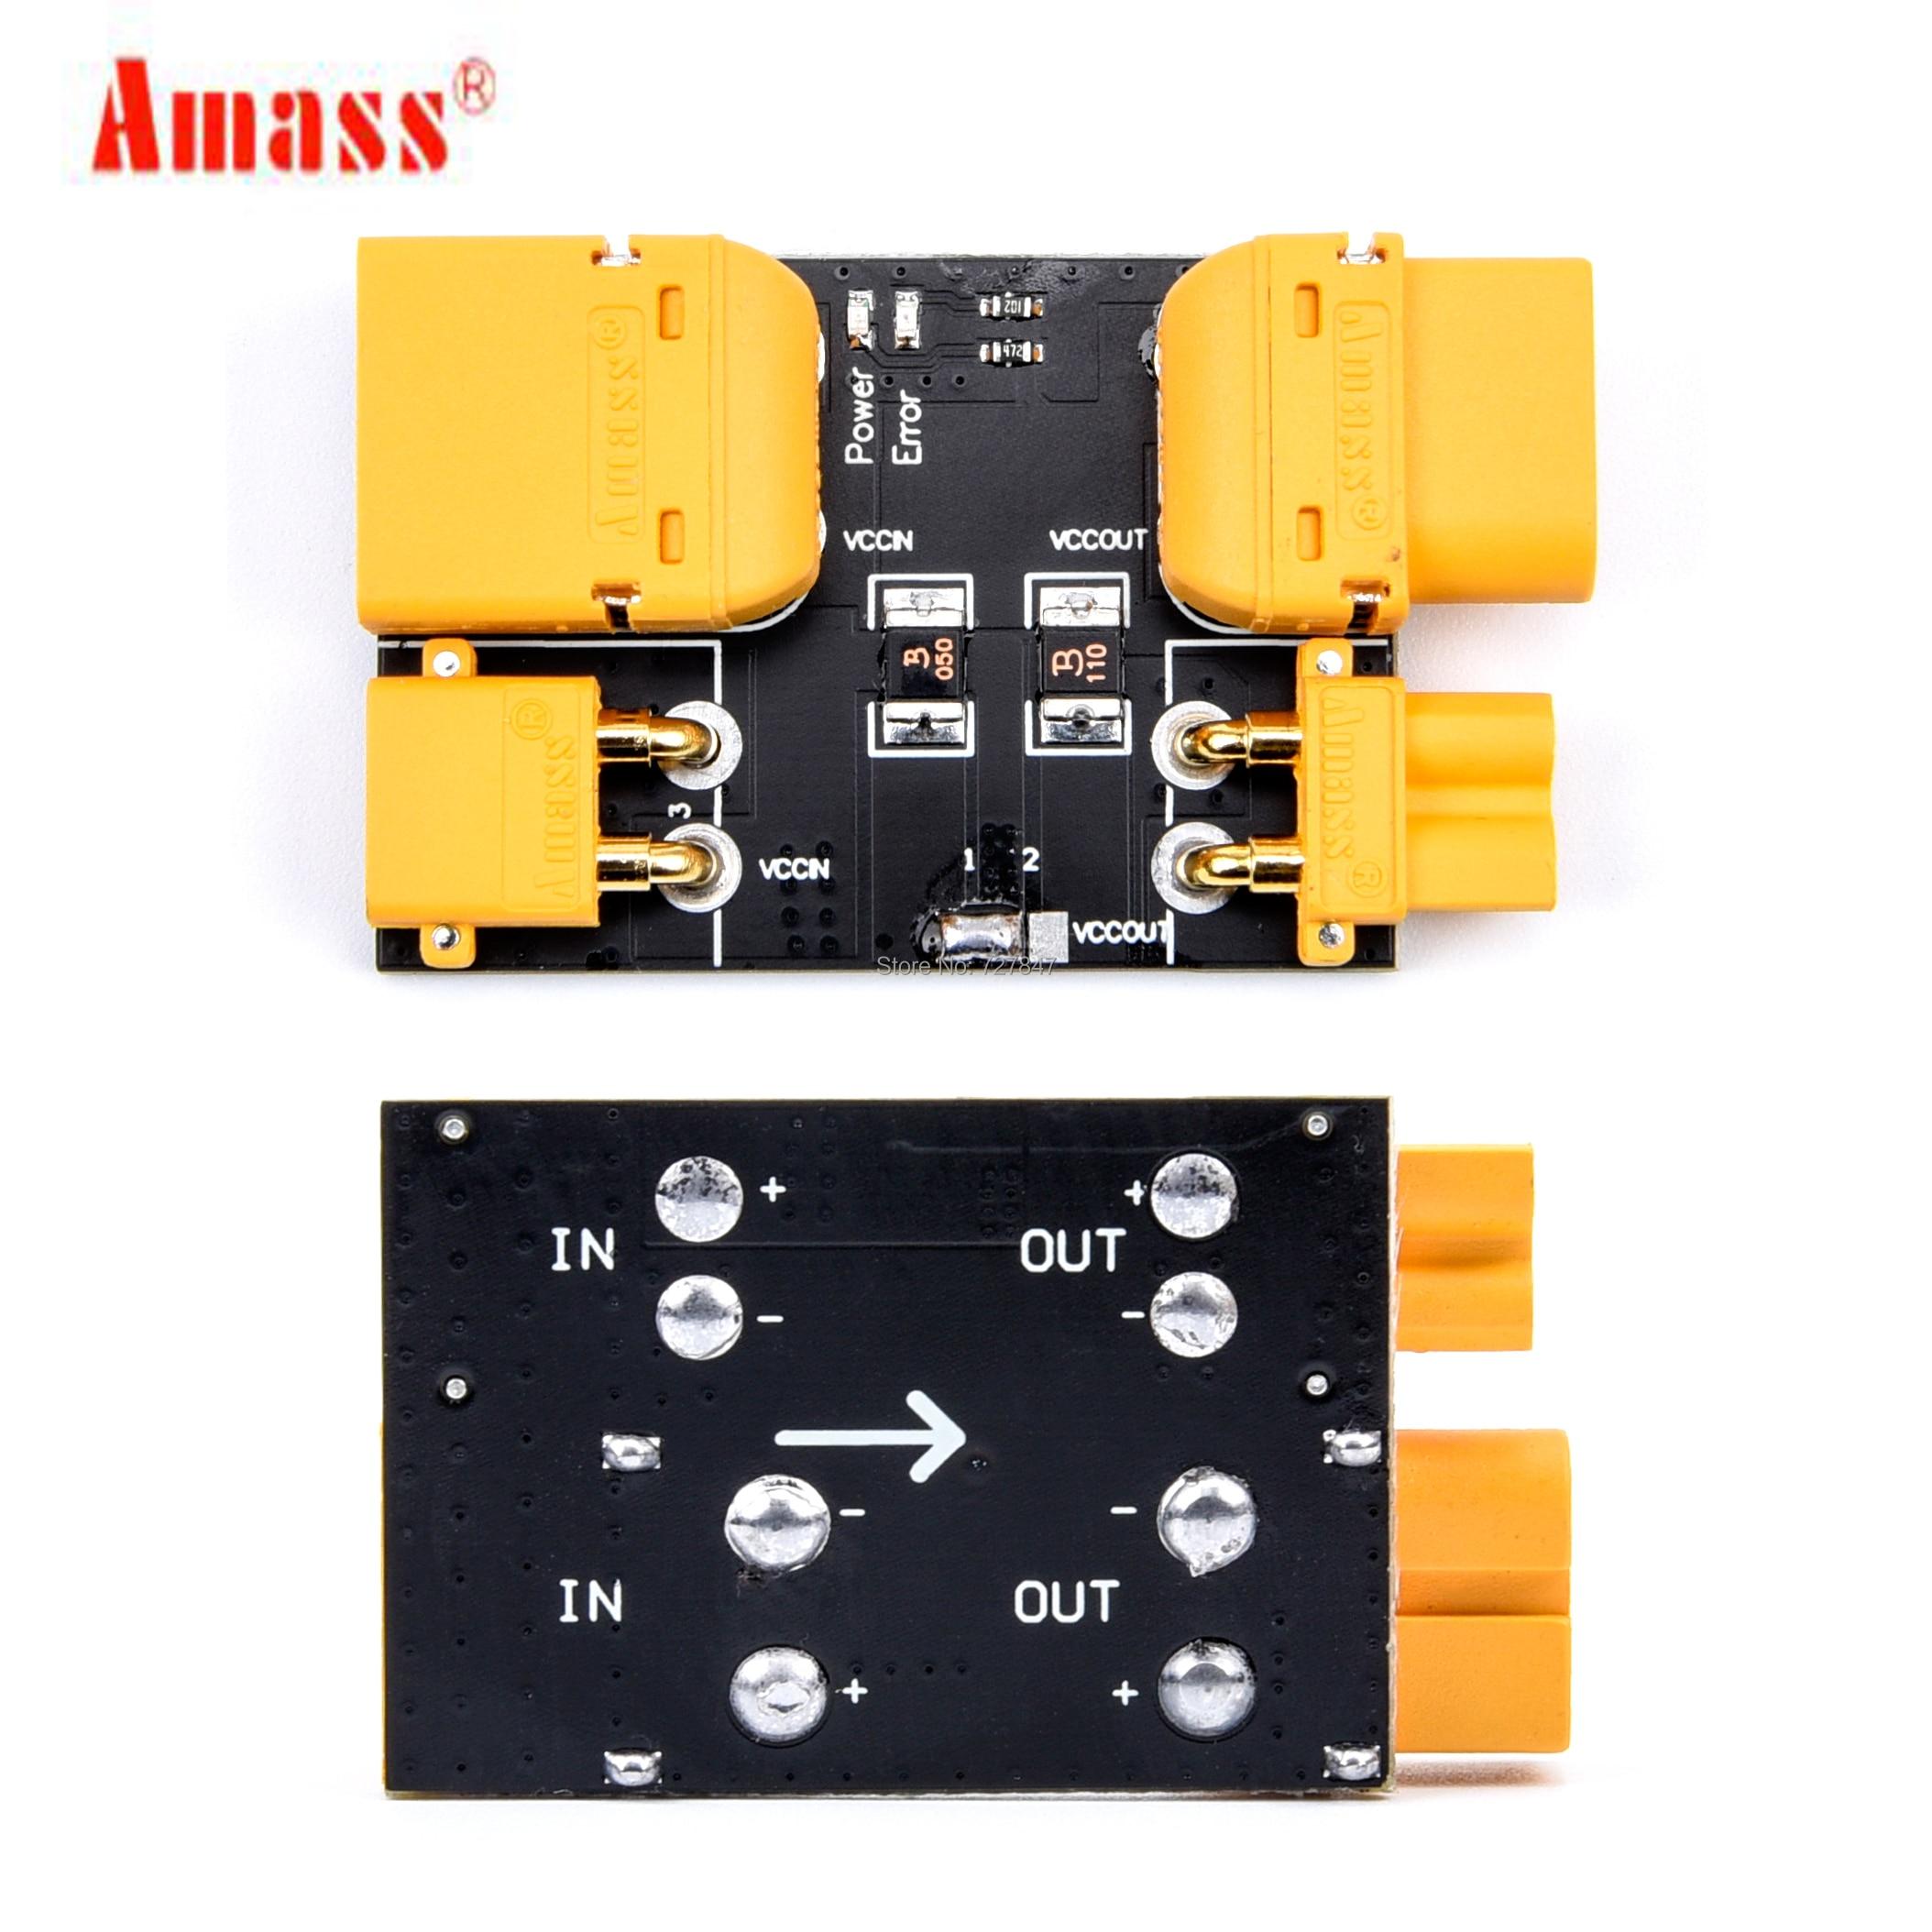 Amass XT30 XT60 XT60PW предохранитель дымовая пробка соединительная линия КОРОТКИЙ ТЕСТЕР круг выключатель для RC модели самолетов FPV гоночный Дрон|Детали и аксессуары|   | АлиЭкспресс